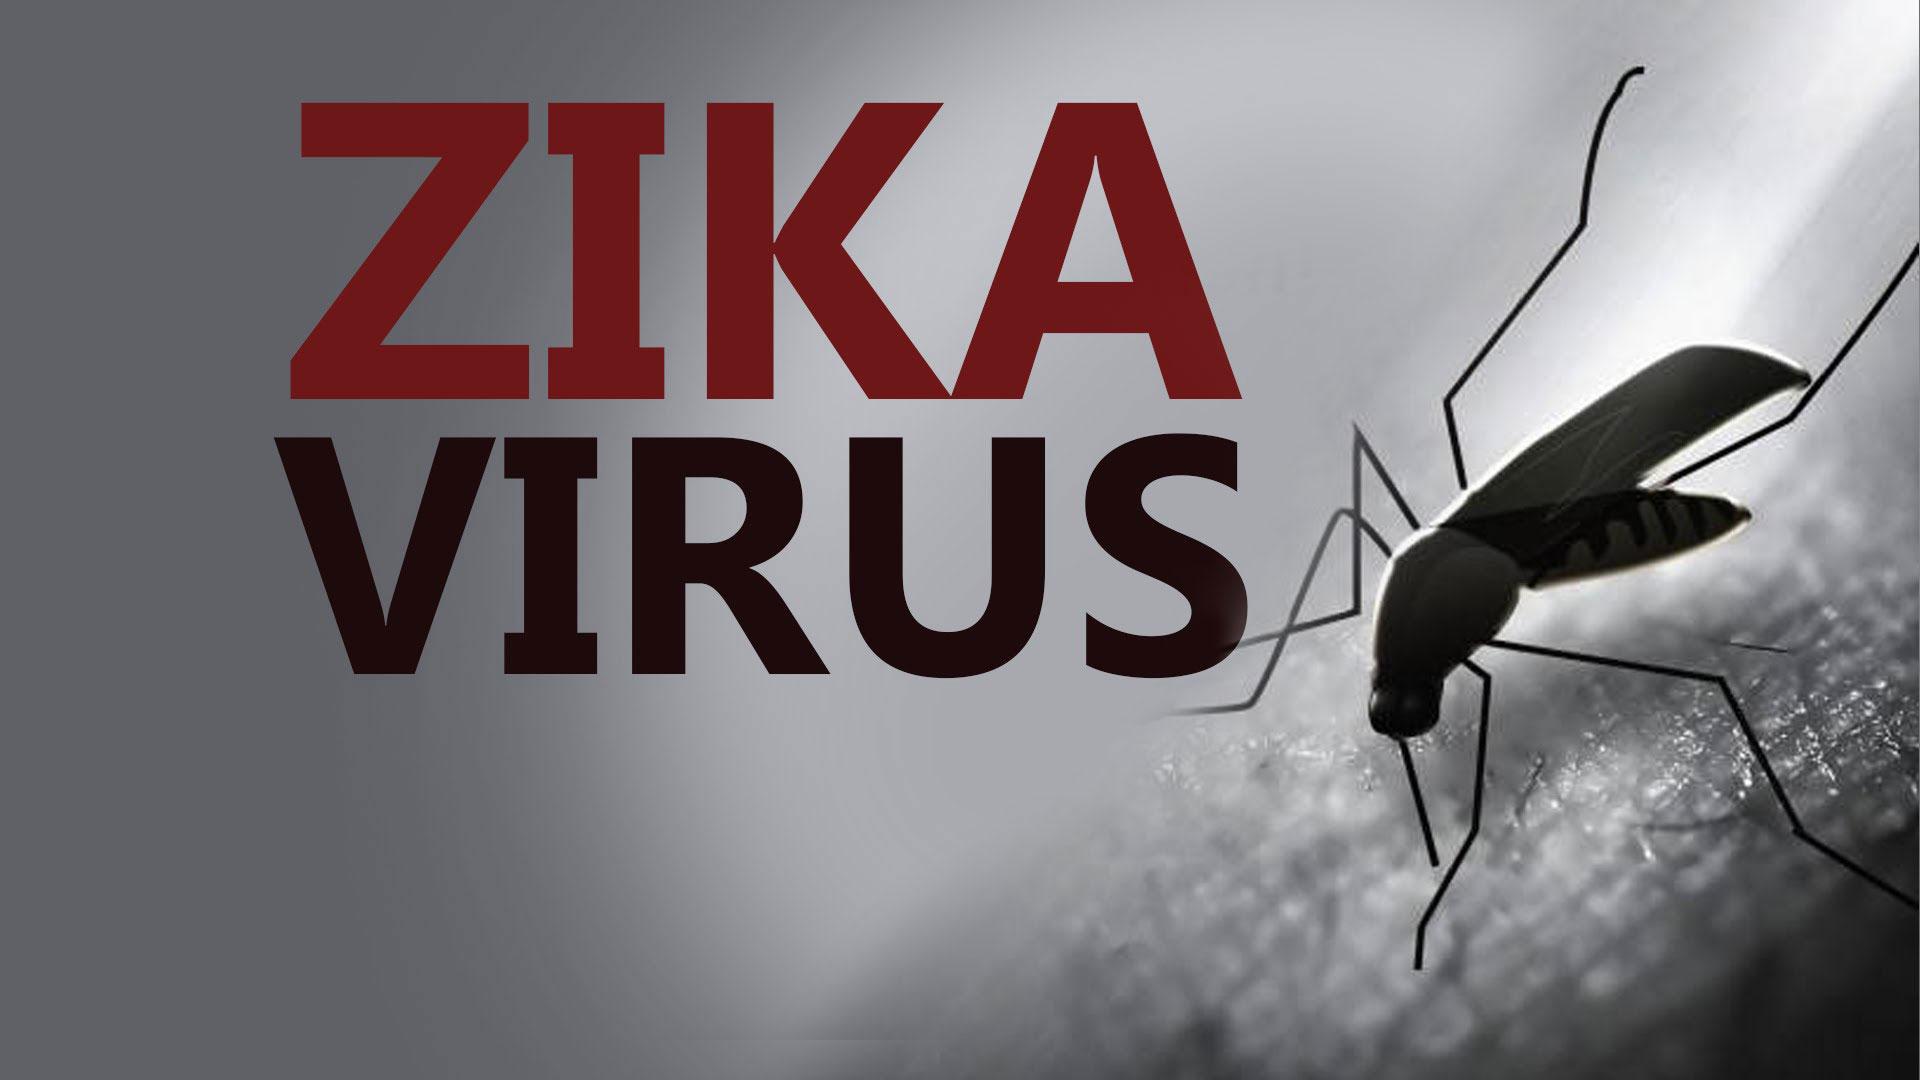 zika surrogacy